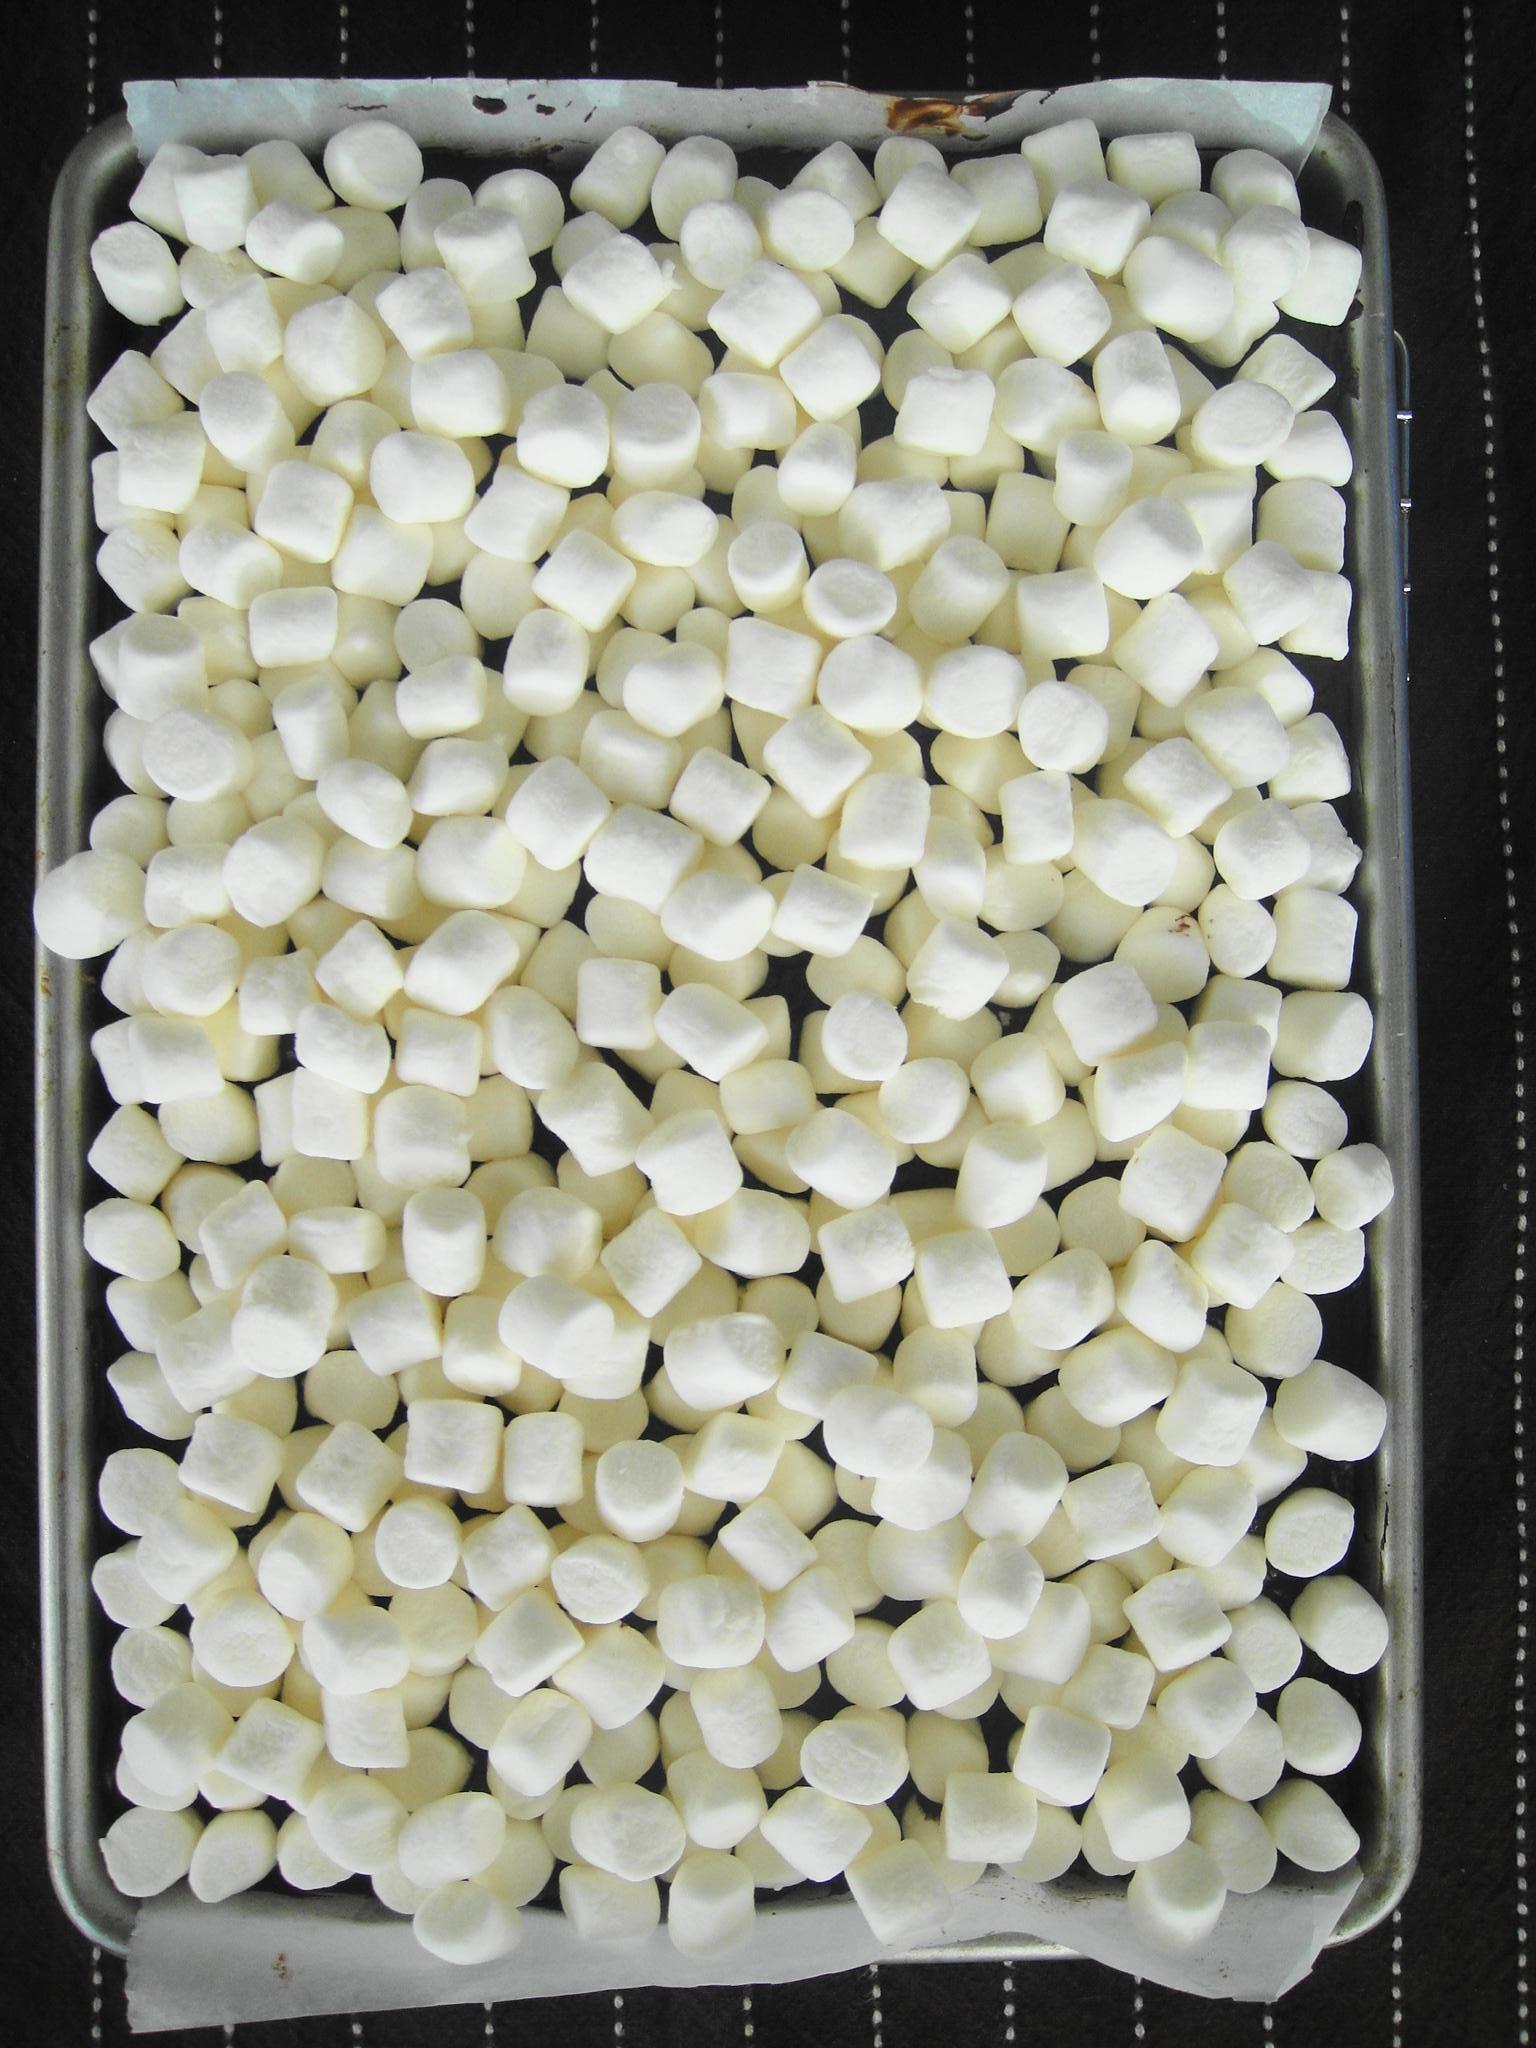 marshmallow ready to bake